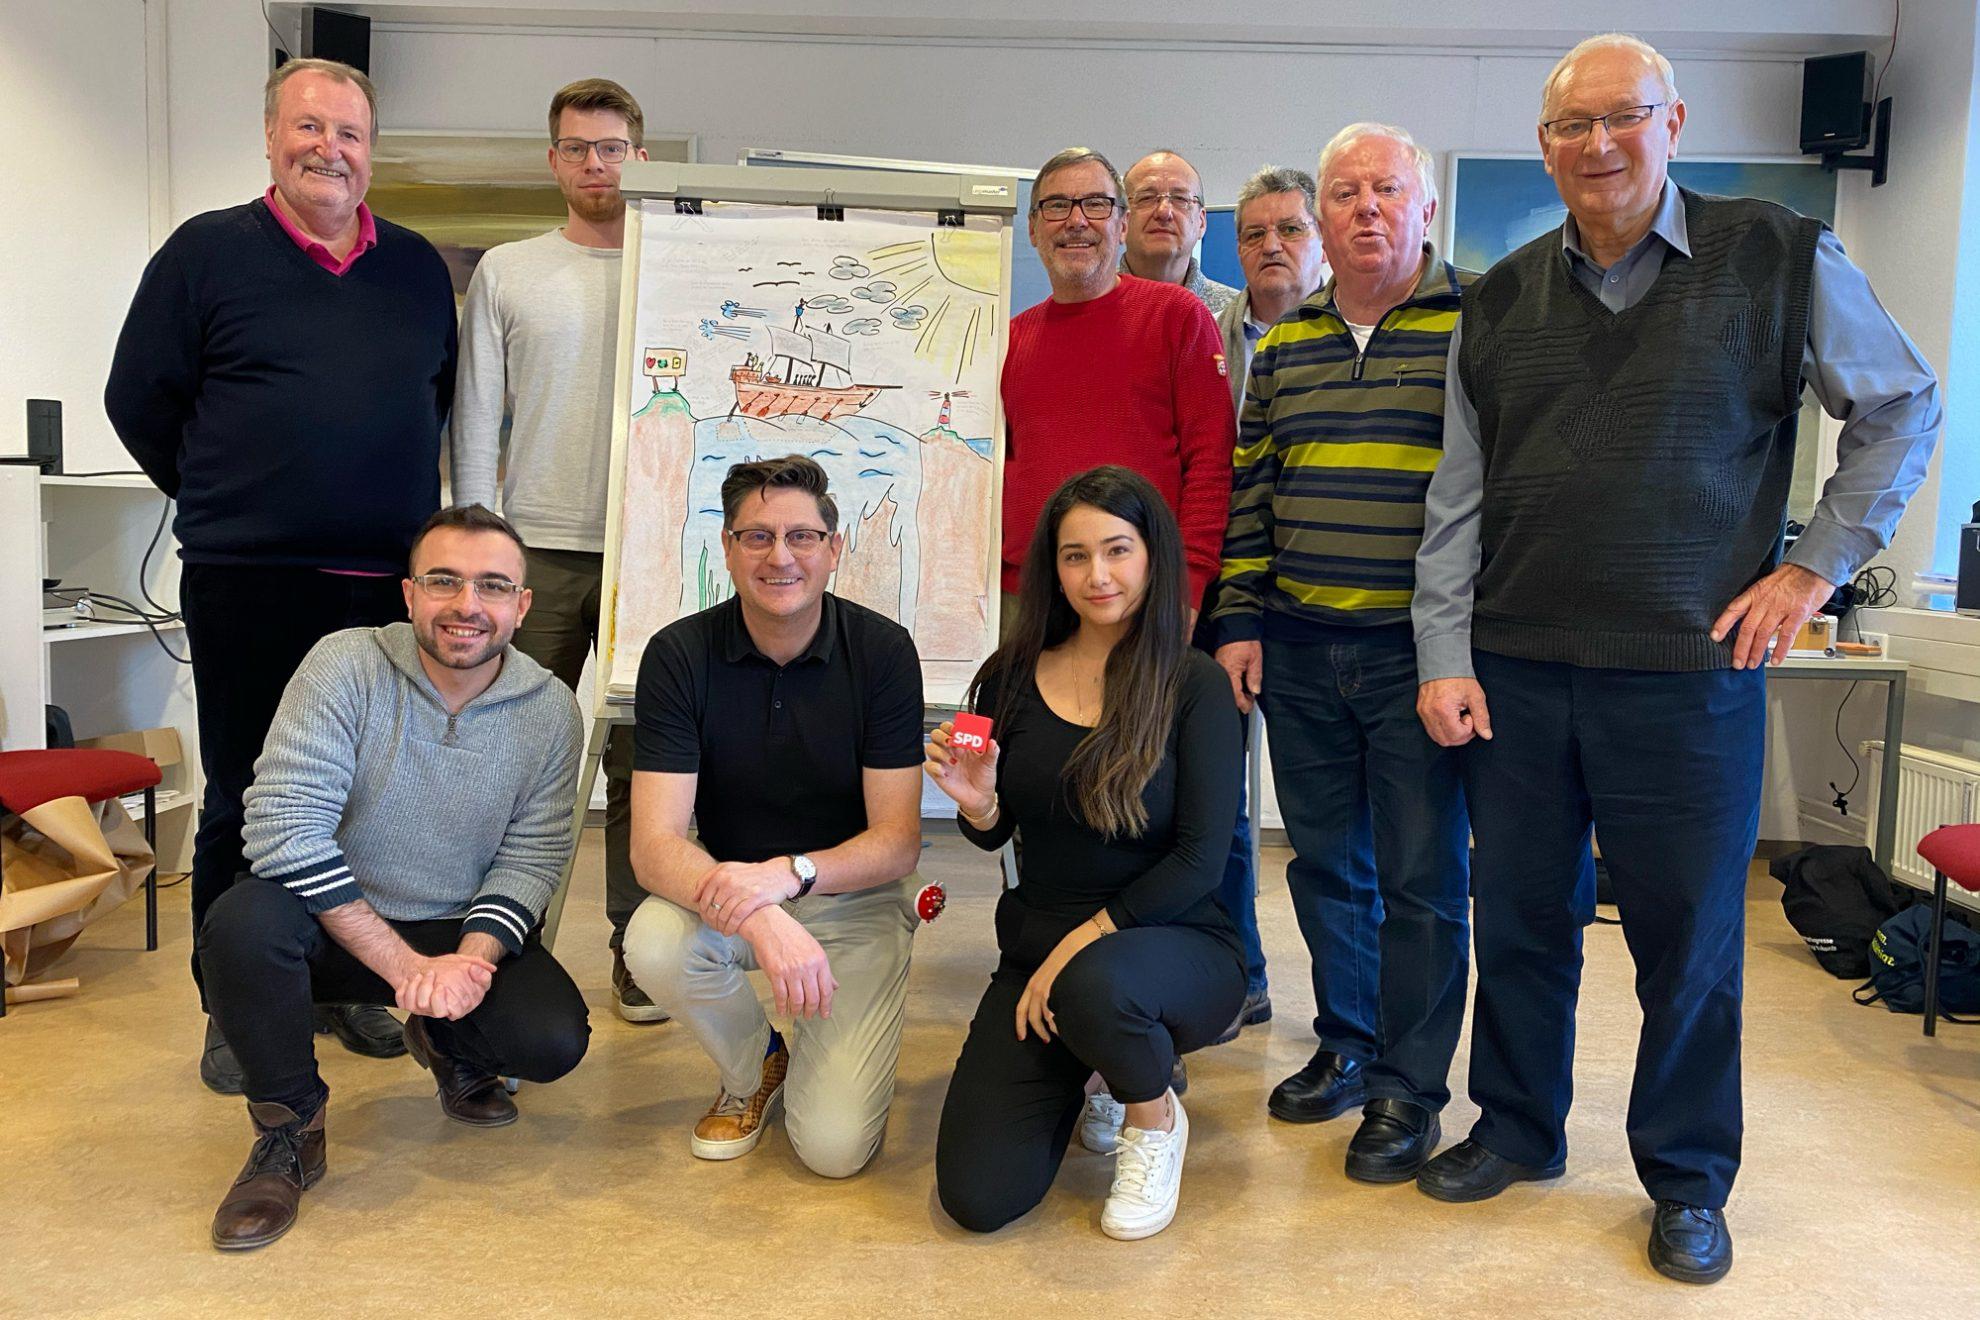 Das Bild zeigt einige der Teilnehmer mit dem Trainer Tom Briefs.